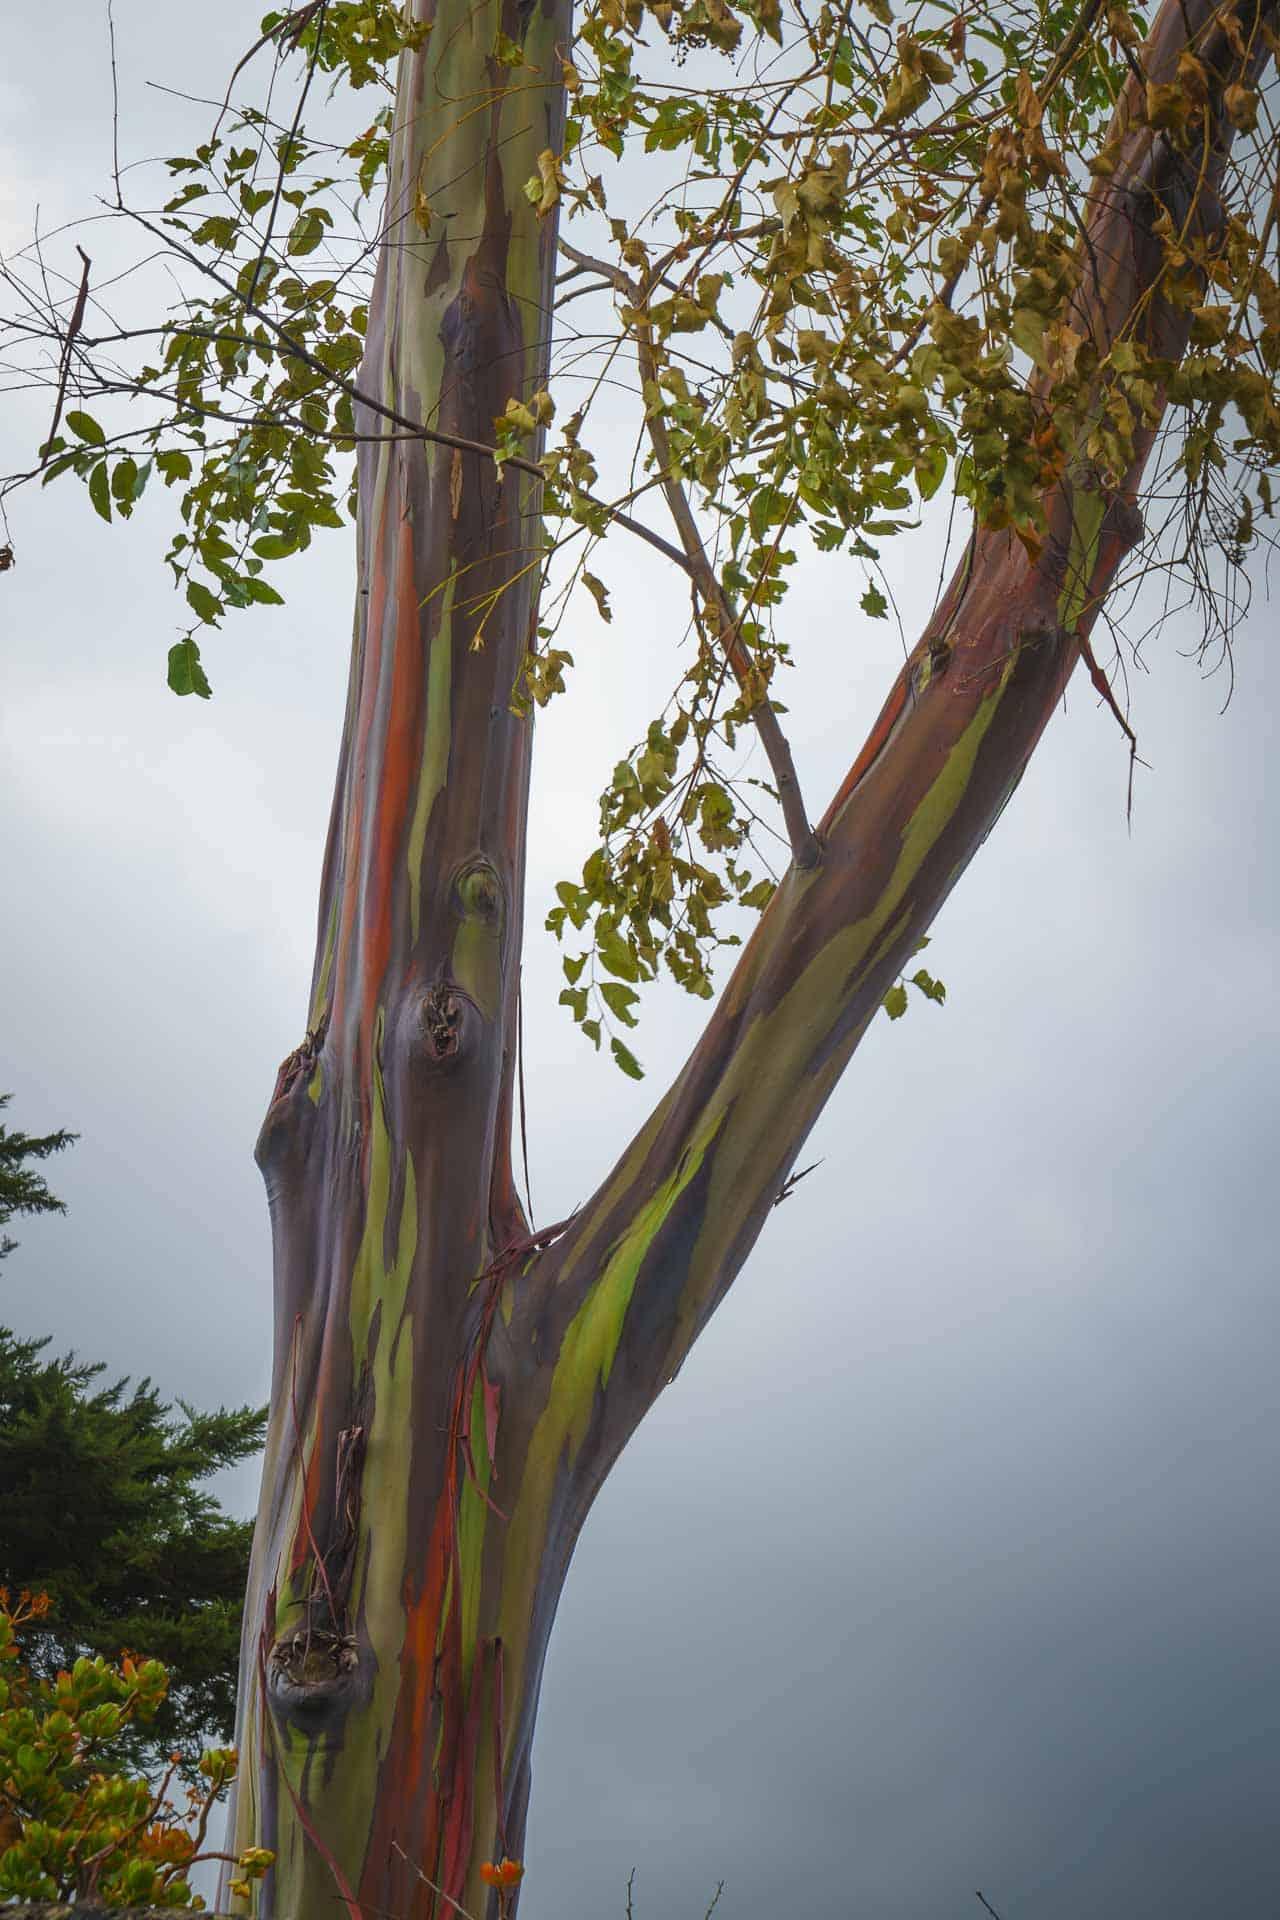 The Rainbow Trees of Maui